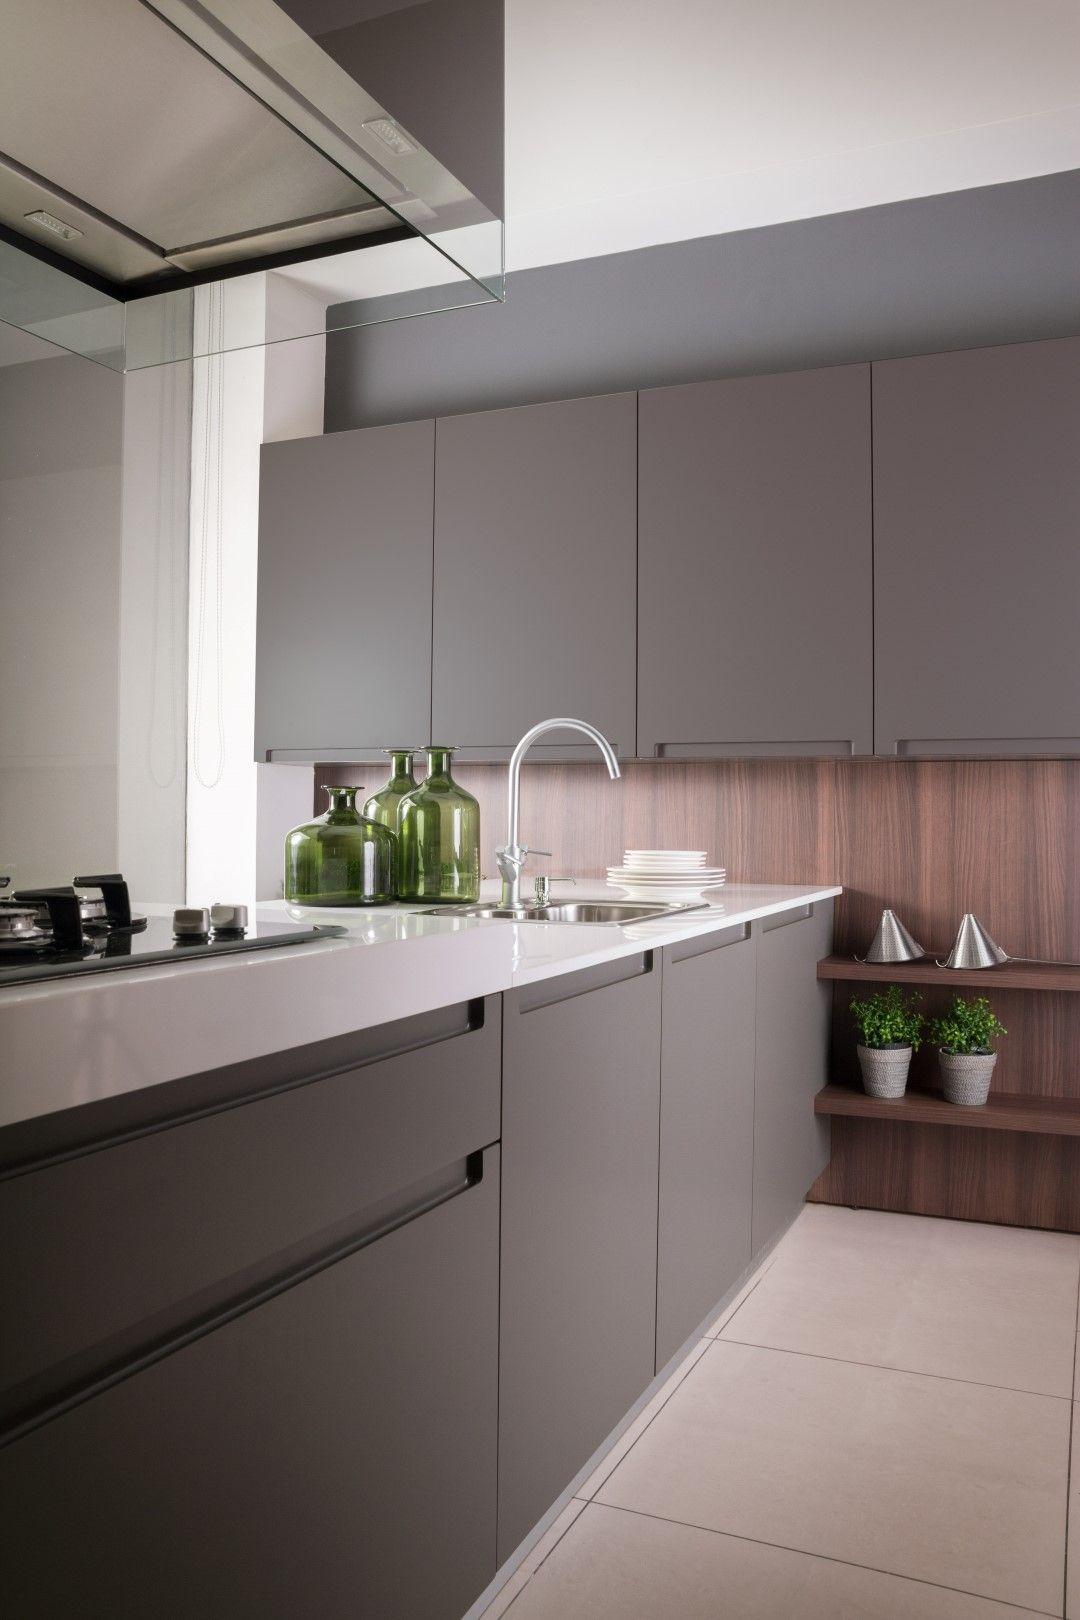 muebles de cocina, amoblamientos de cocina, johnnson amoblamientos, carlos paz, córdoba, cocinas modernas , bajo mesada , johnson acero, cocina johnson , muebles johnson